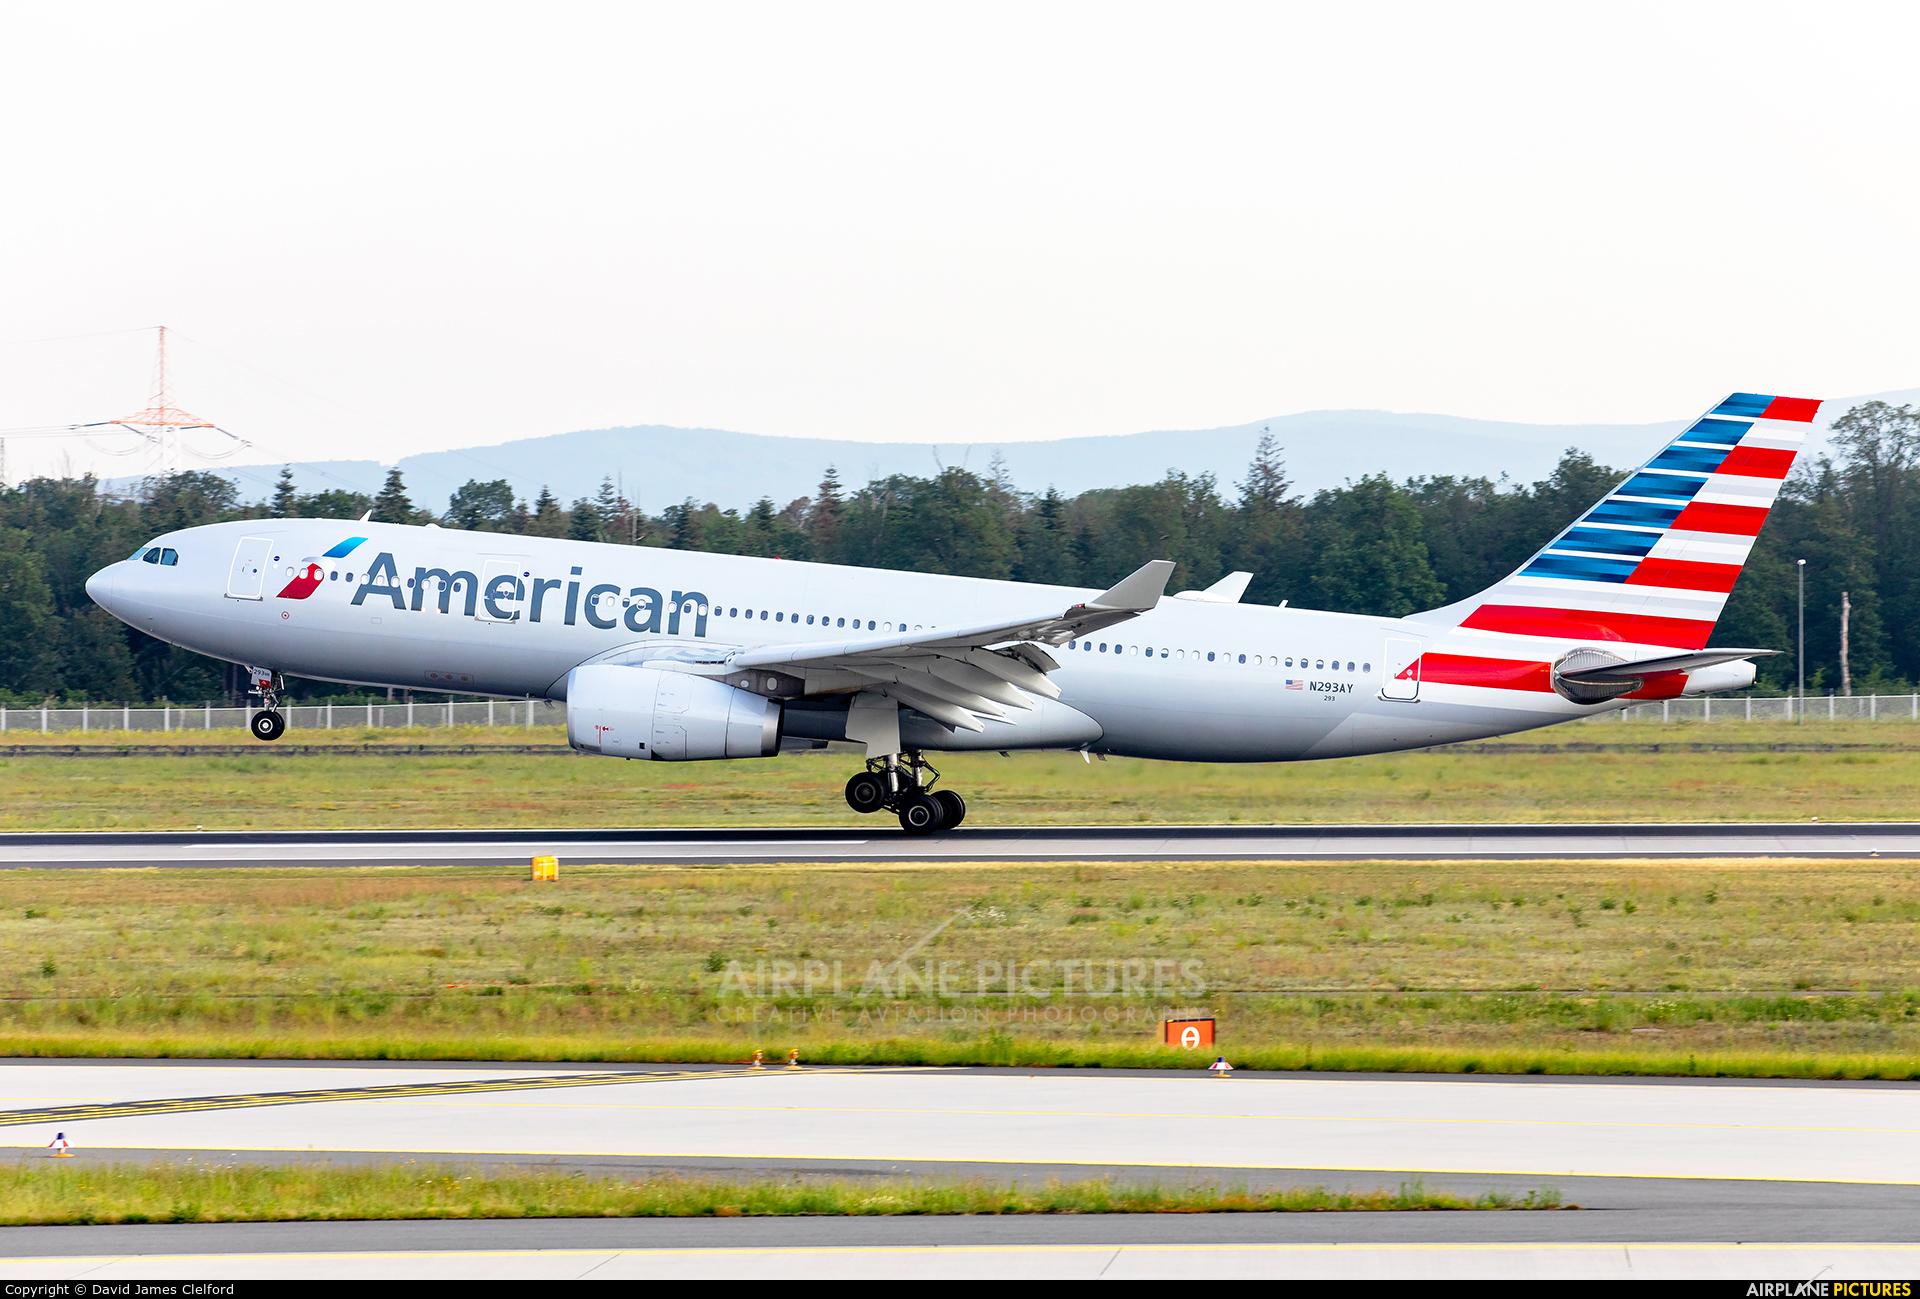 American Airlines N293AY aircraft at Frankfurt